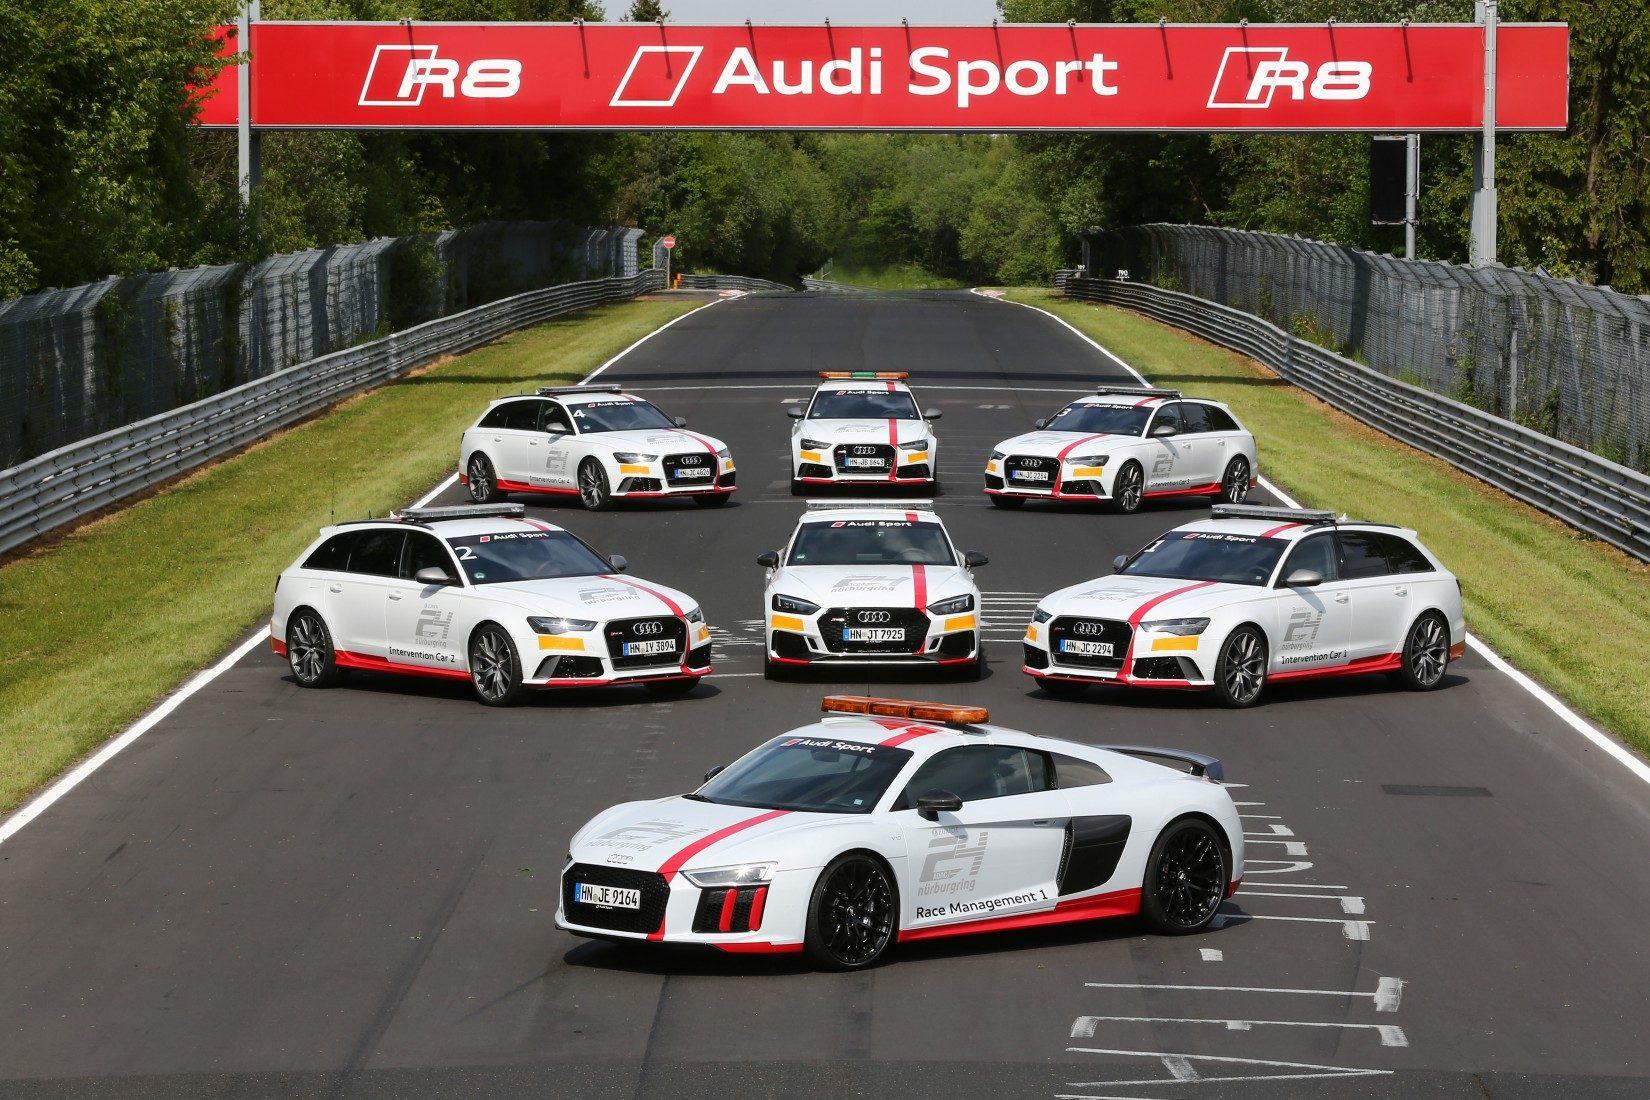 Audi Sport stellte auch 2017 die Intervention Cars (Foto: Burkhard Kasan)